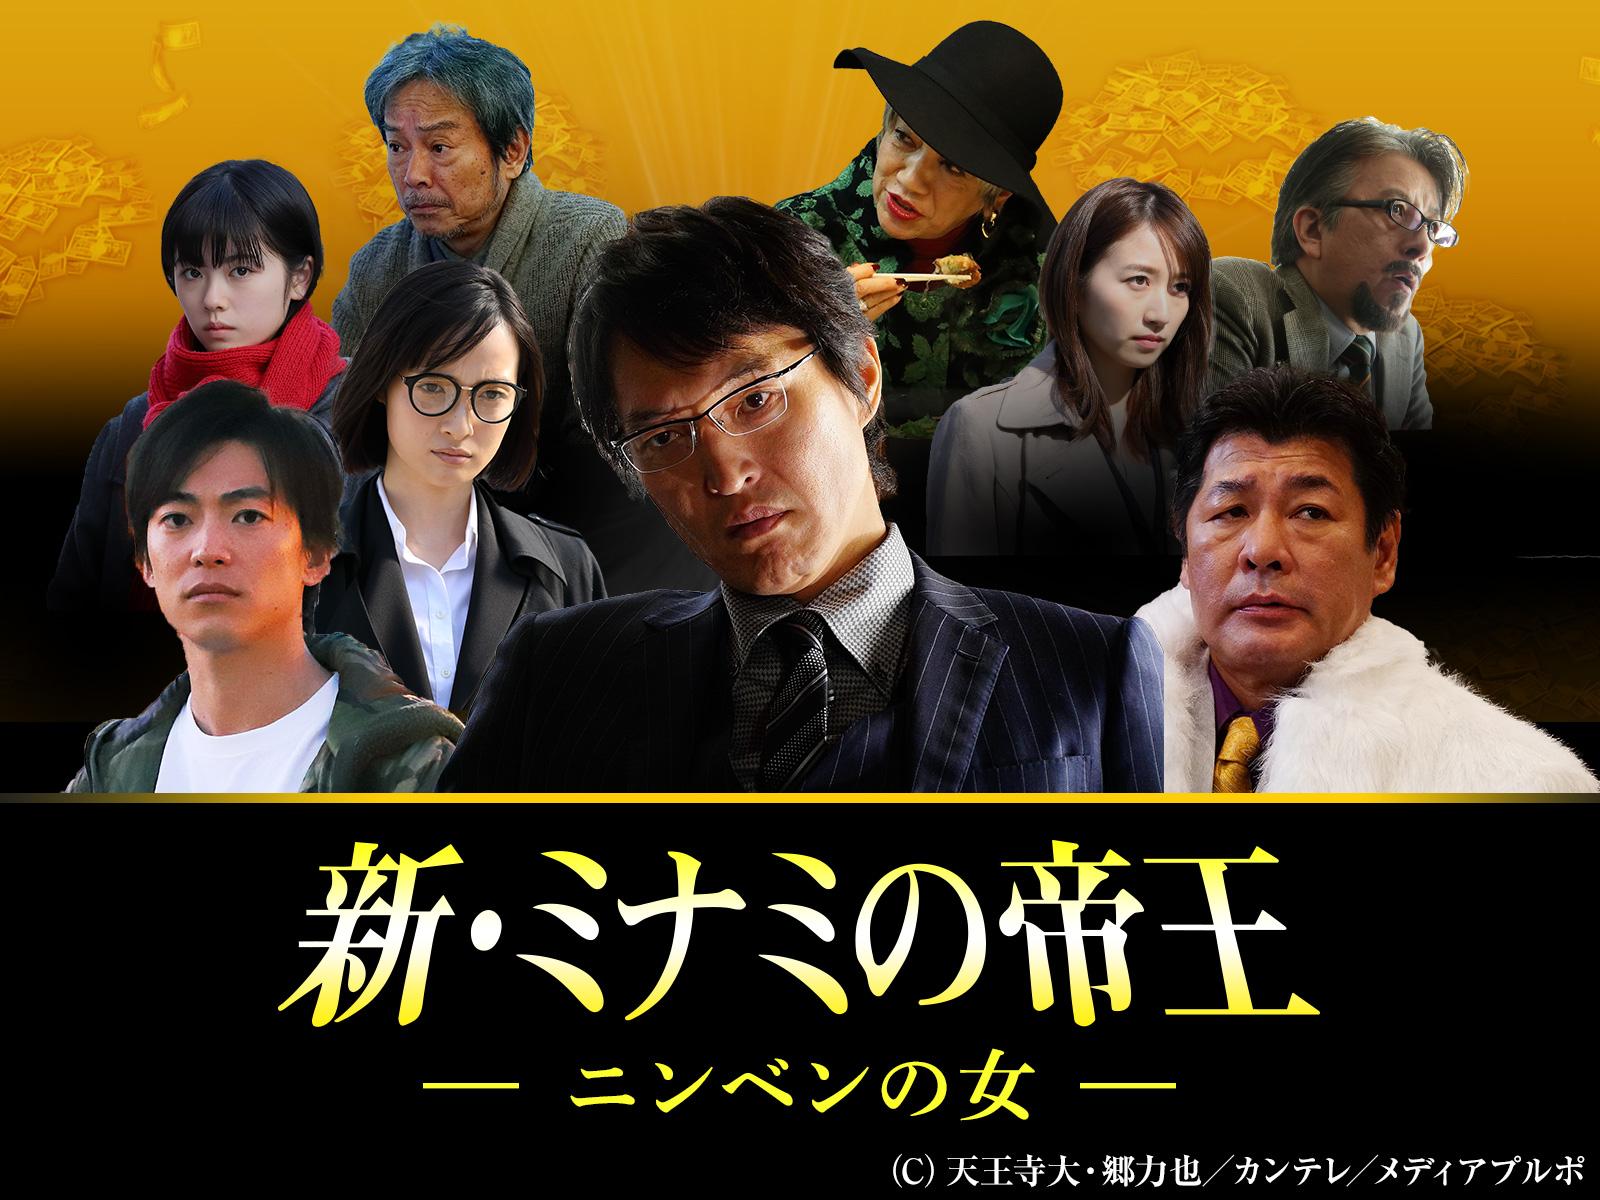 新・ミナミの帝王/SPドラマ15 ニンベンの女